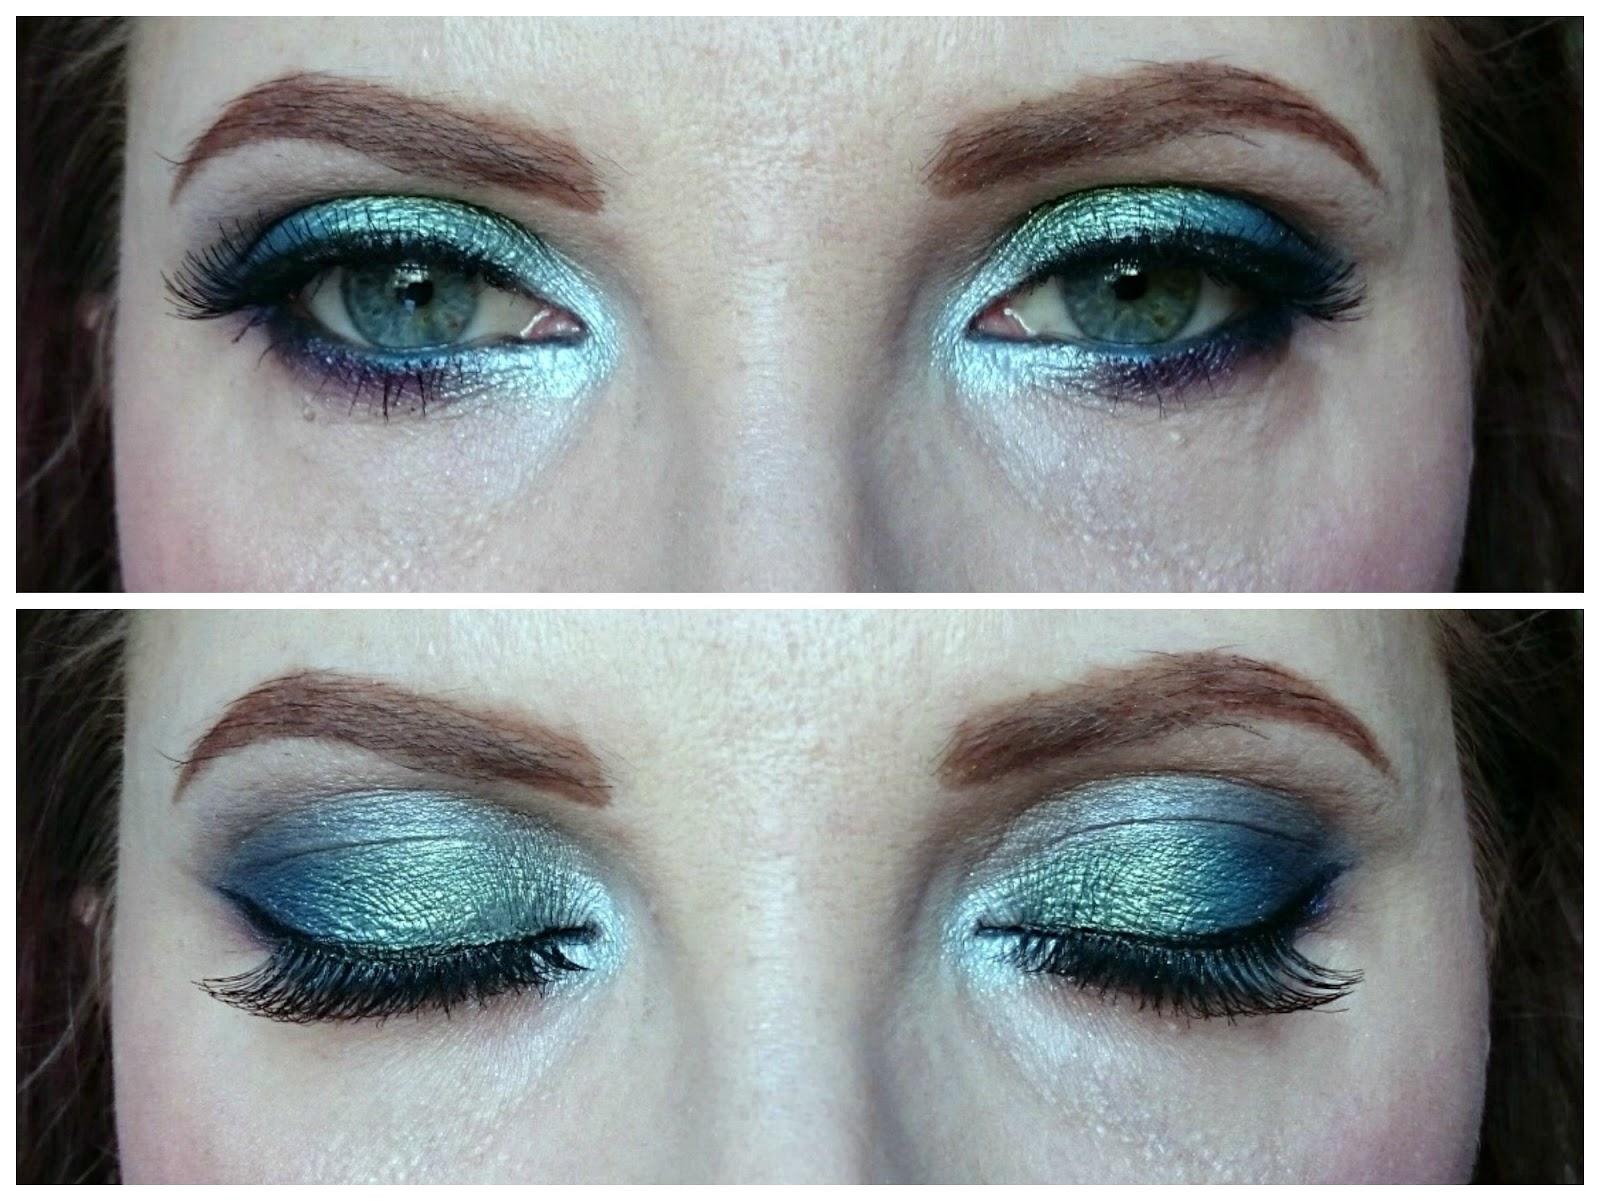 Mermaid eye makeup look